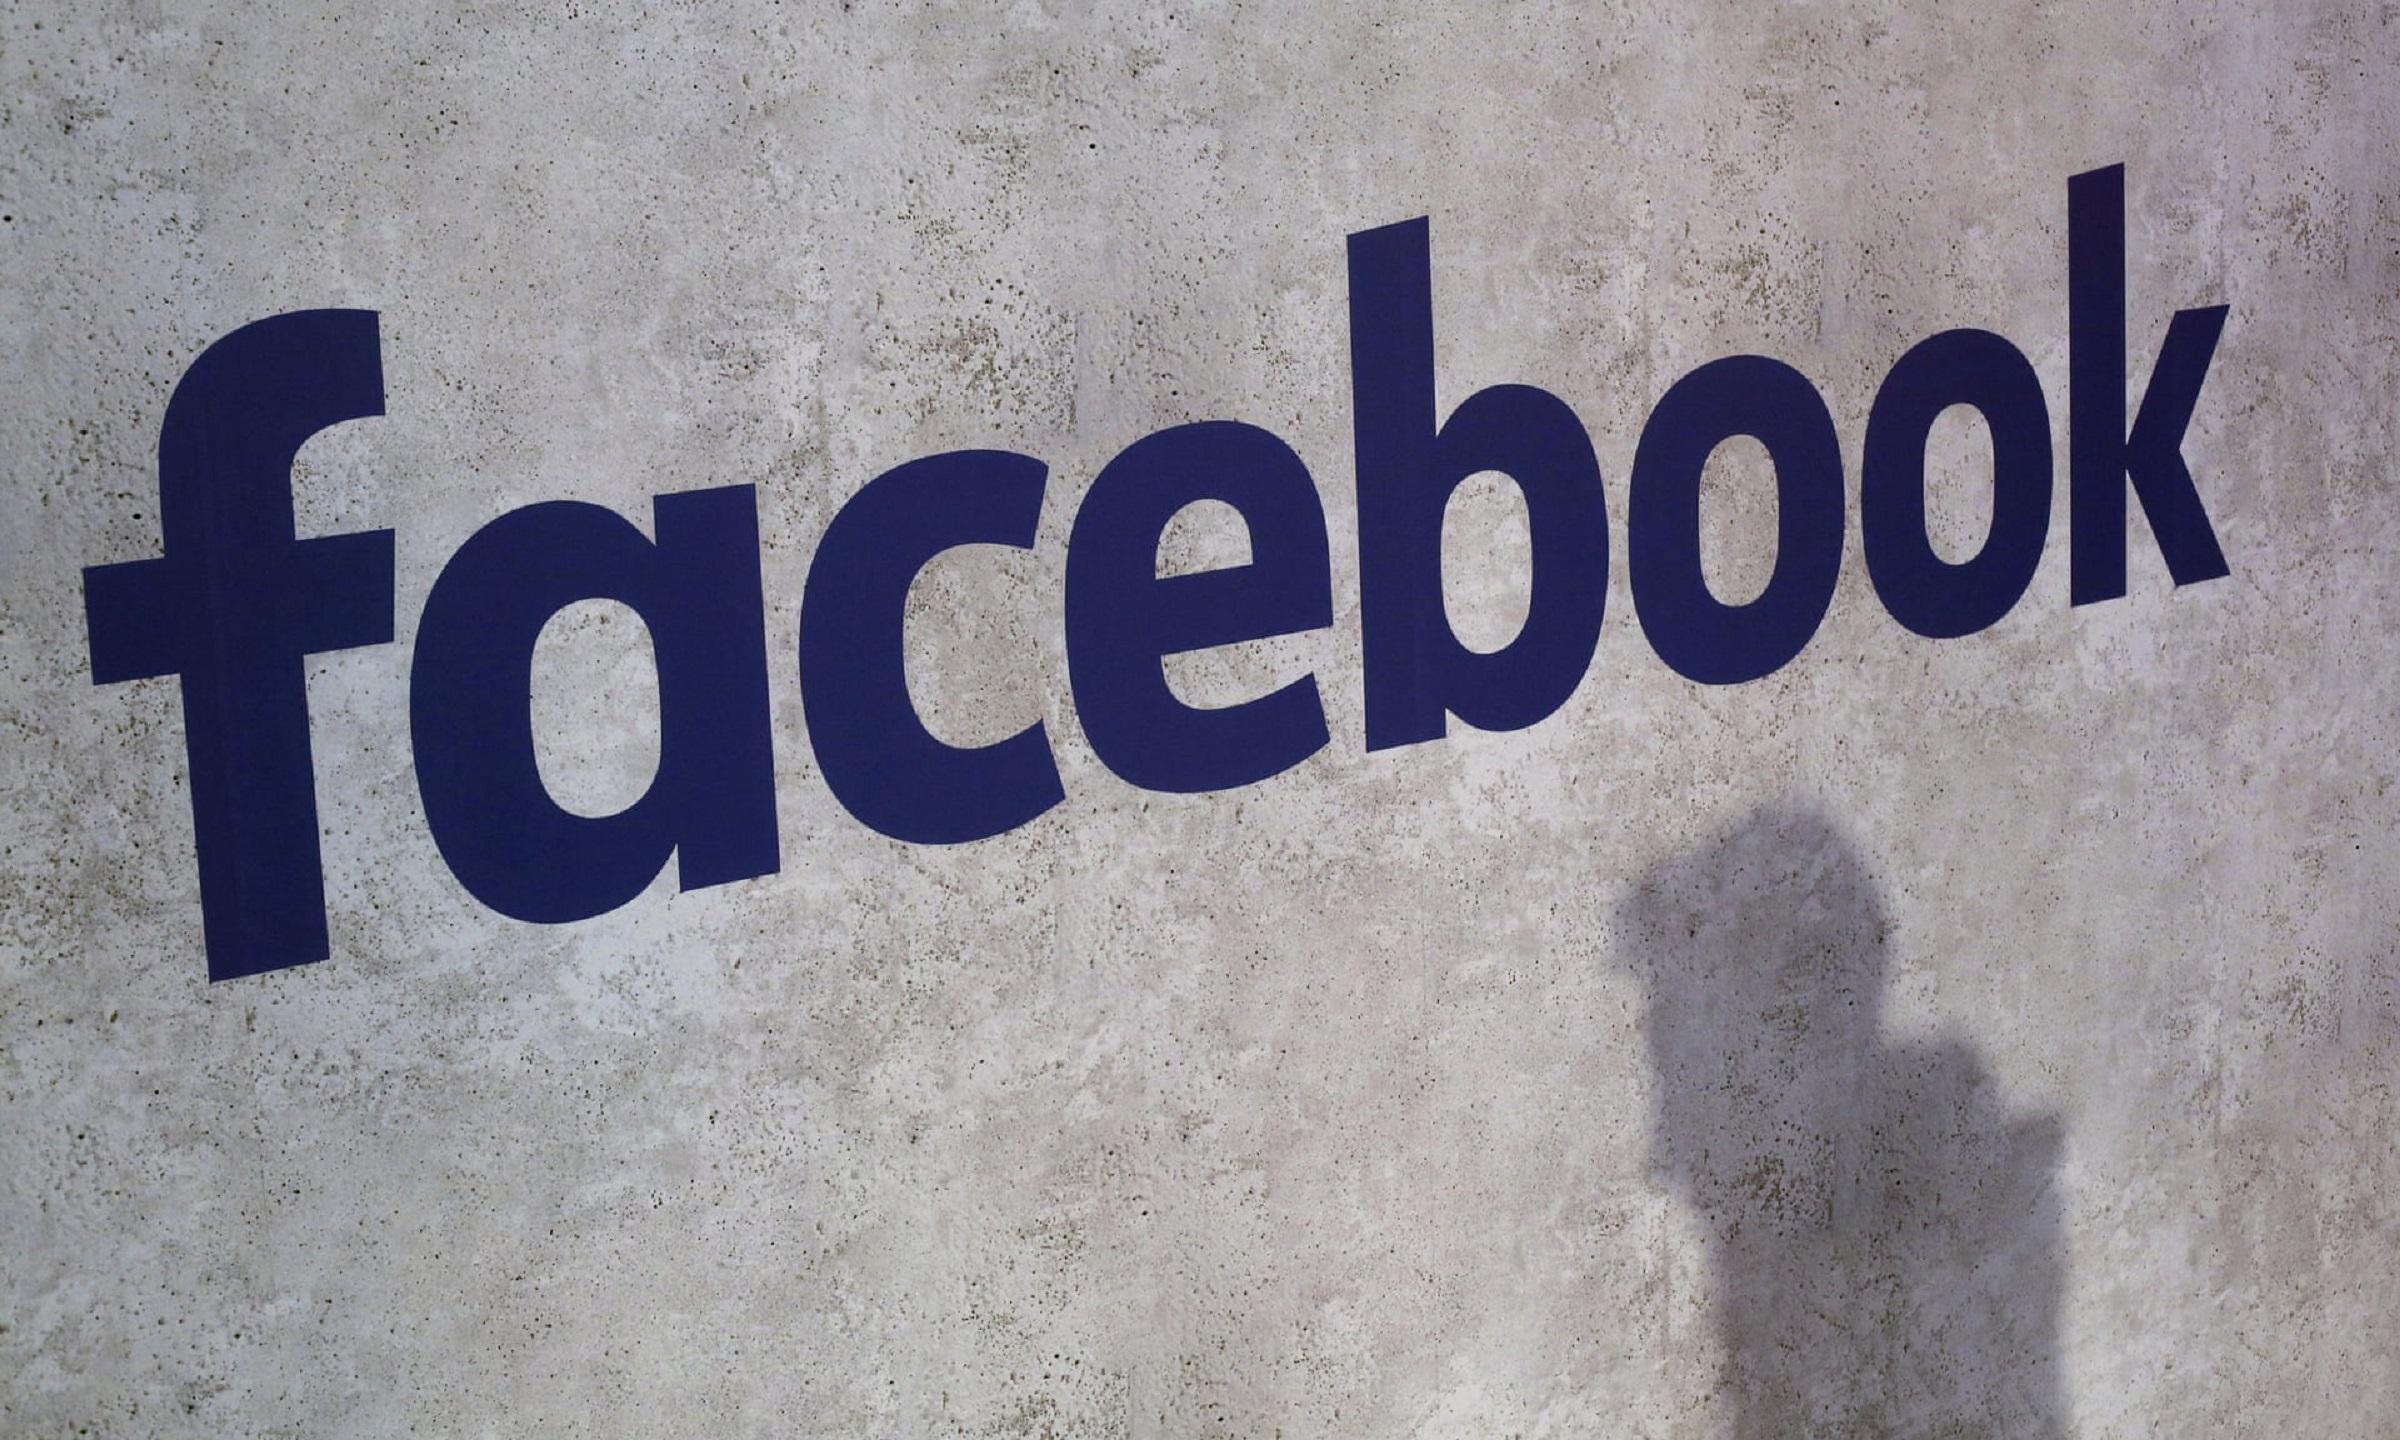 Facebook multado por engañar a sus usuarios